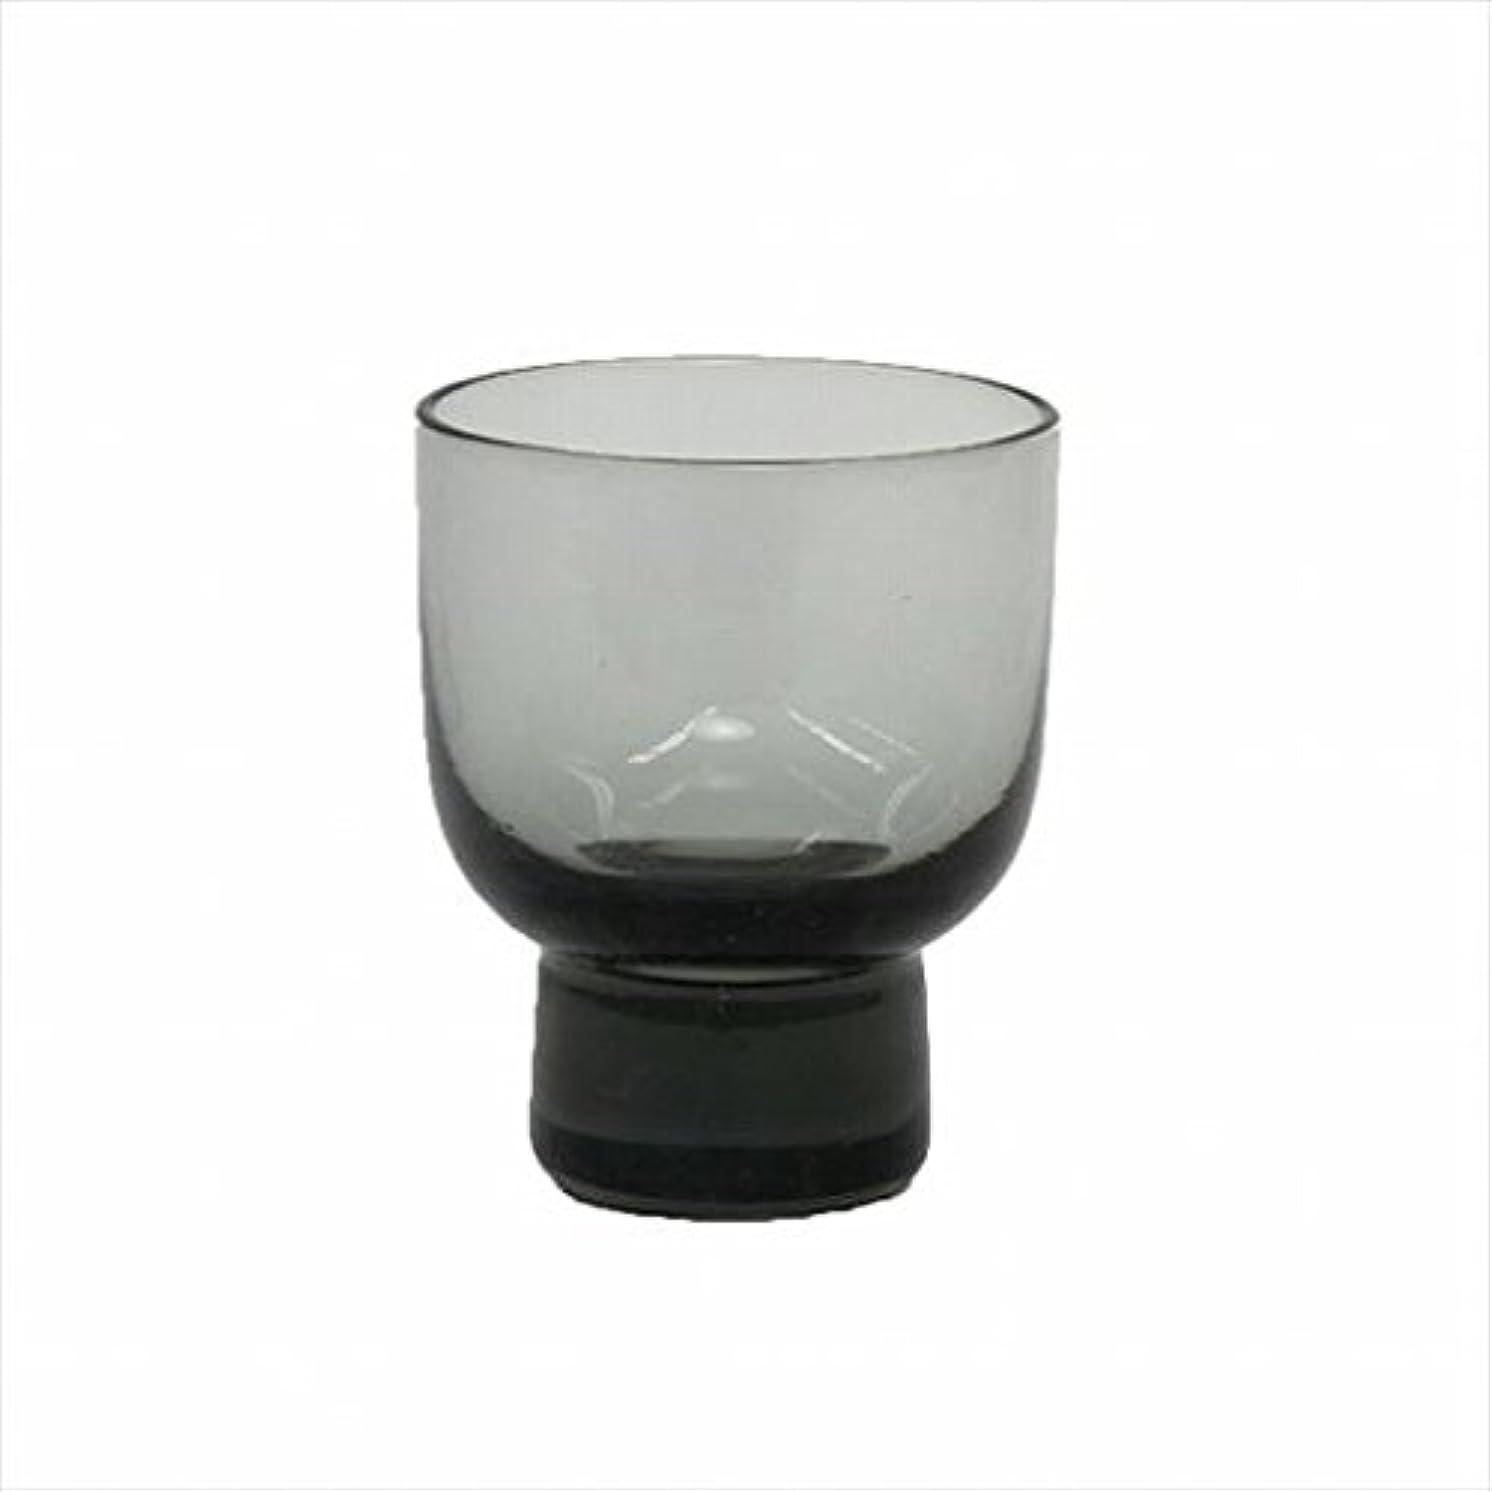 手がかり意識的カメヤマキャンドル(kameyama candle) ロキカップ 「 スモーク 」